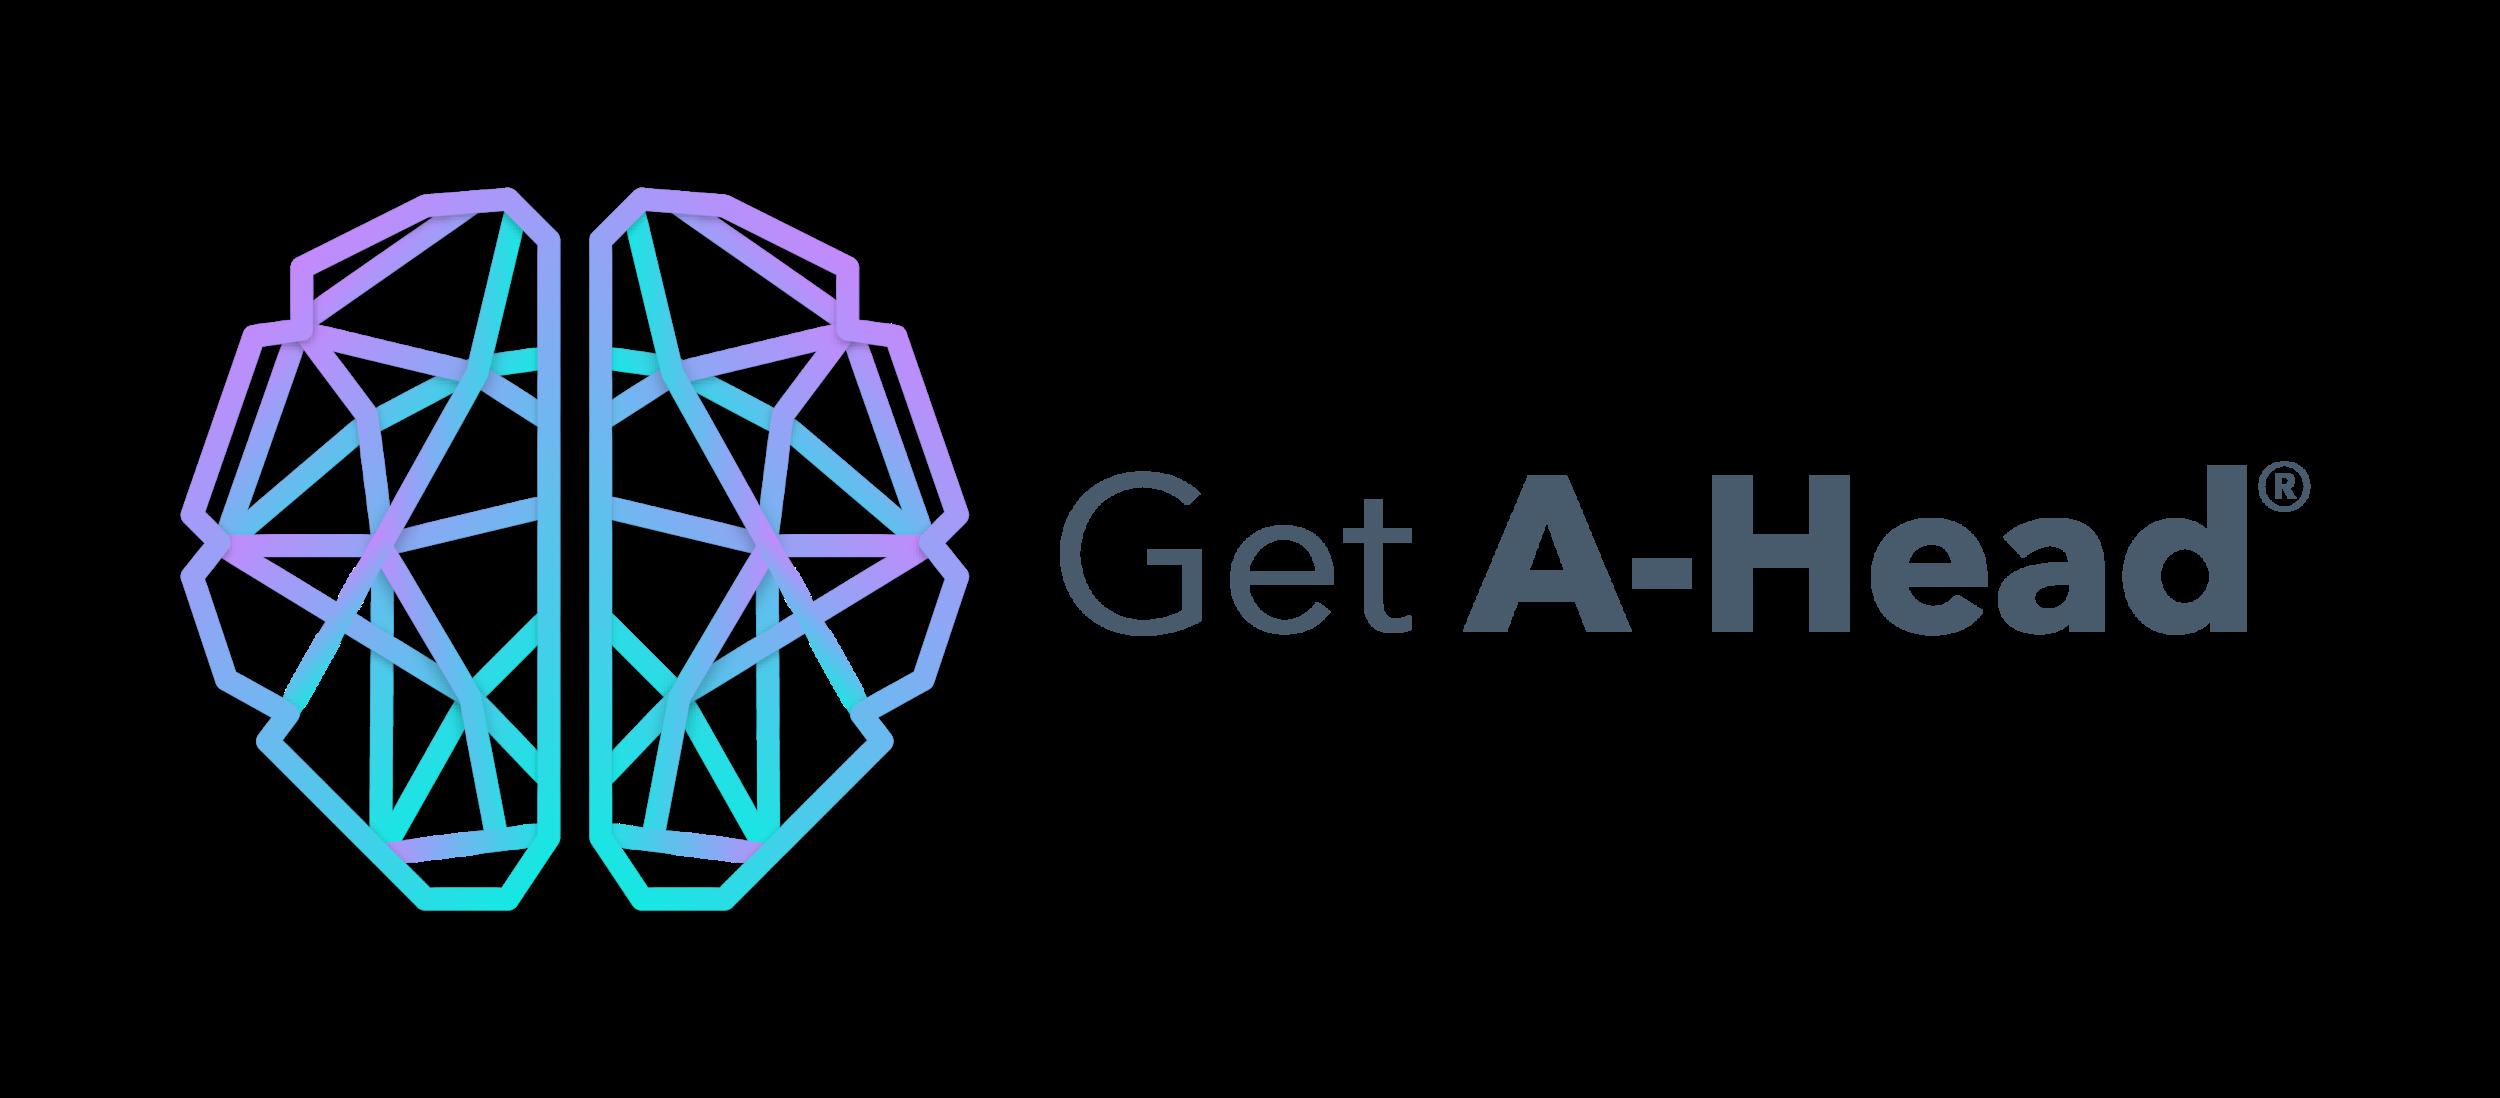 Get_A-Head_Logo-04.png